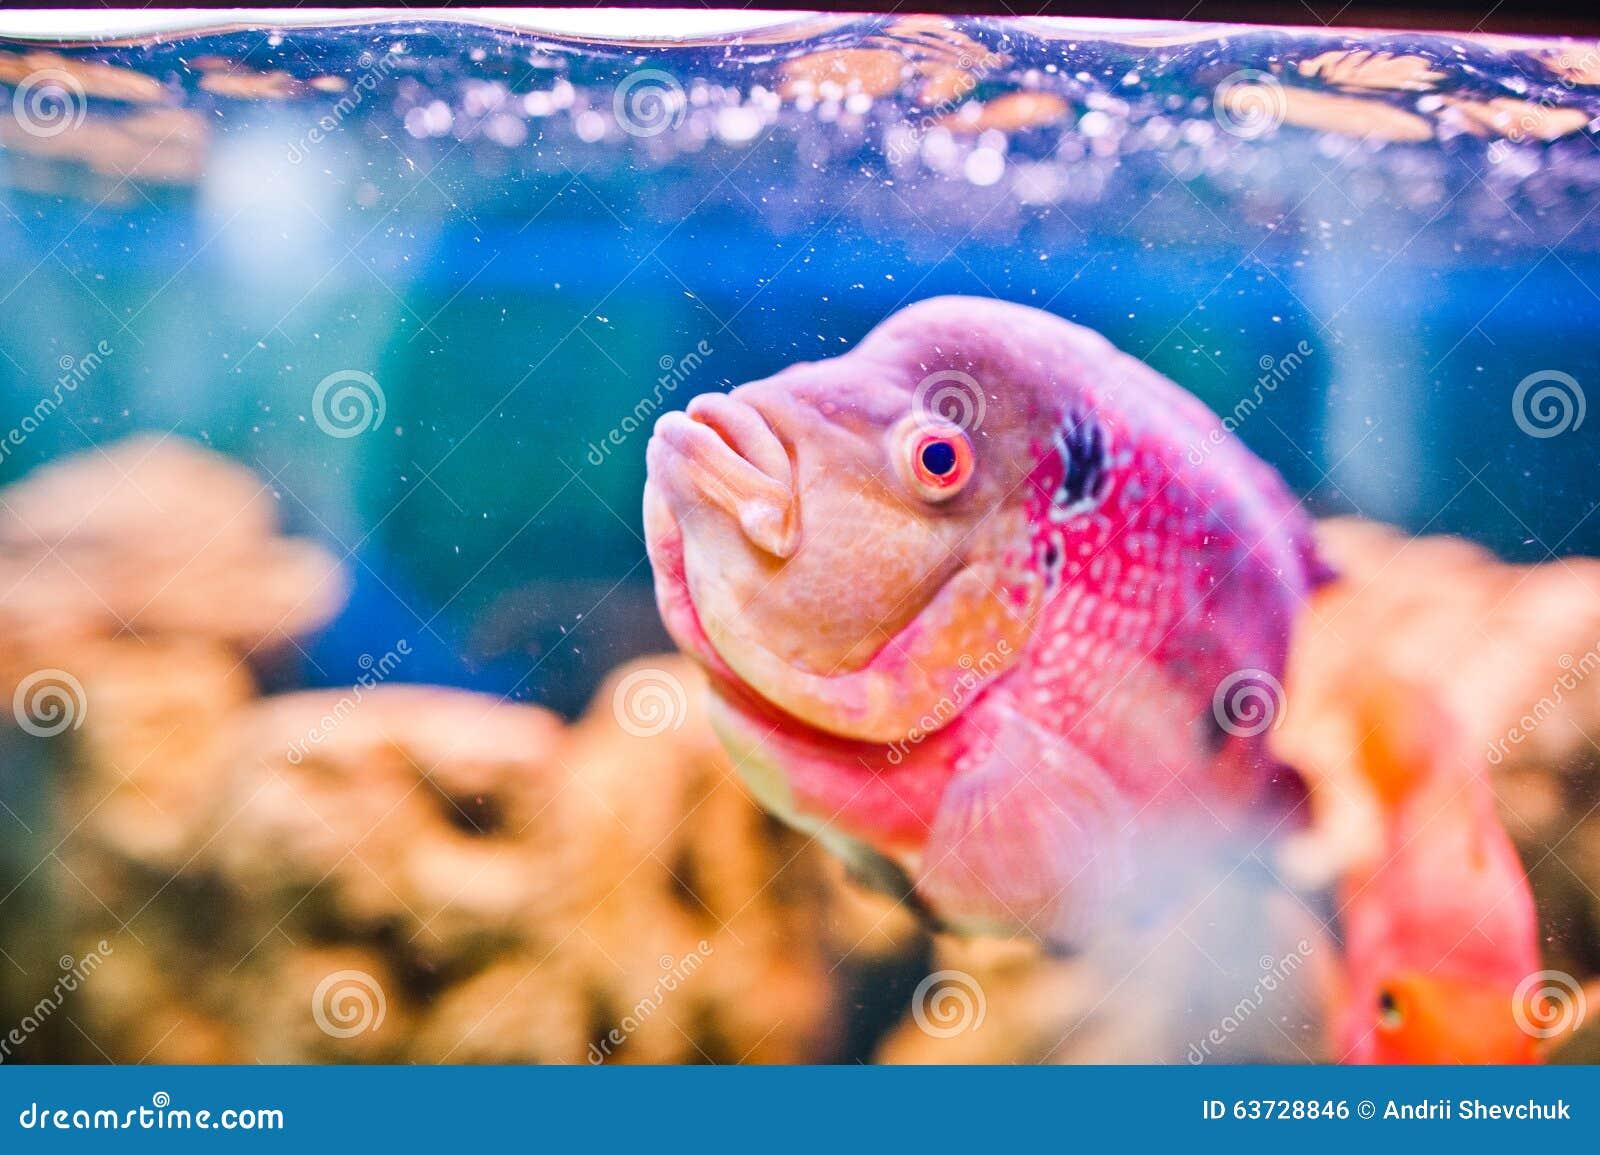 Funny Aquarium Fish Stock Photo - Image: 63728846